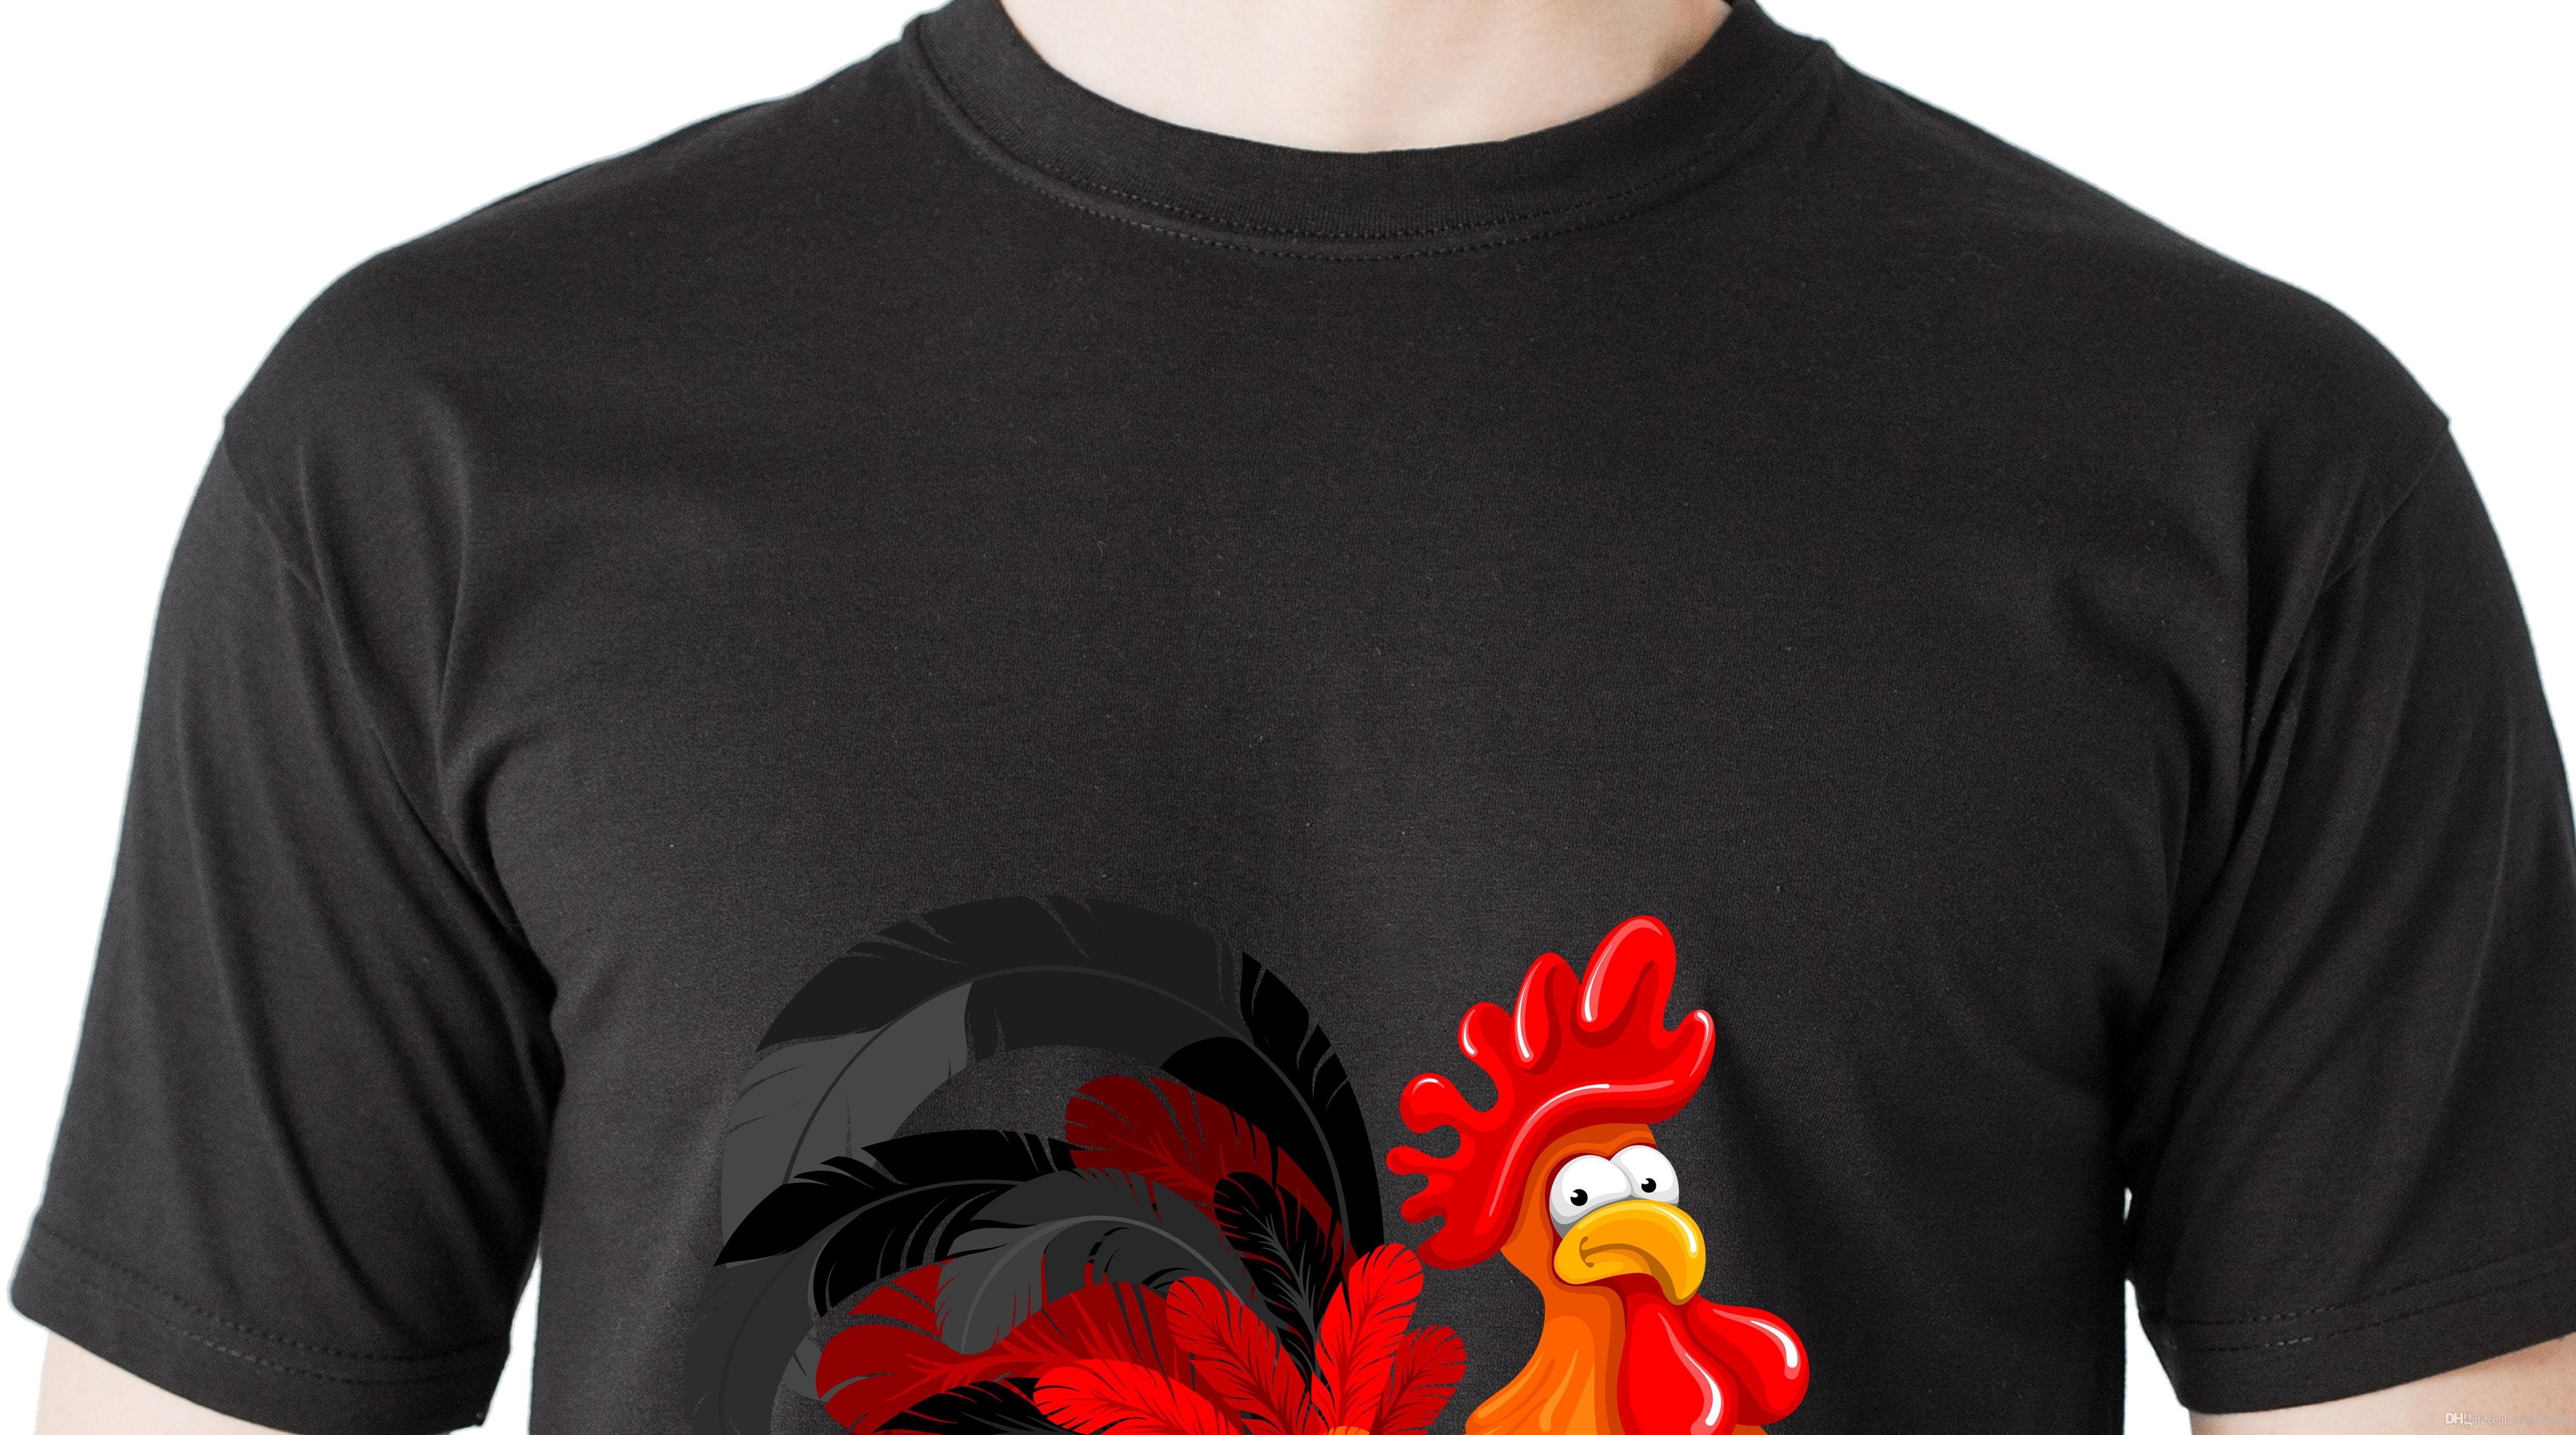 18 di nuovo modo di Cina Big Rooster T-shirt 100% cotone degli uomini di stampa Grew Neck sciolti maglietta Animal print Dimensione Uomo Tops Abbigliamento Maniche corte